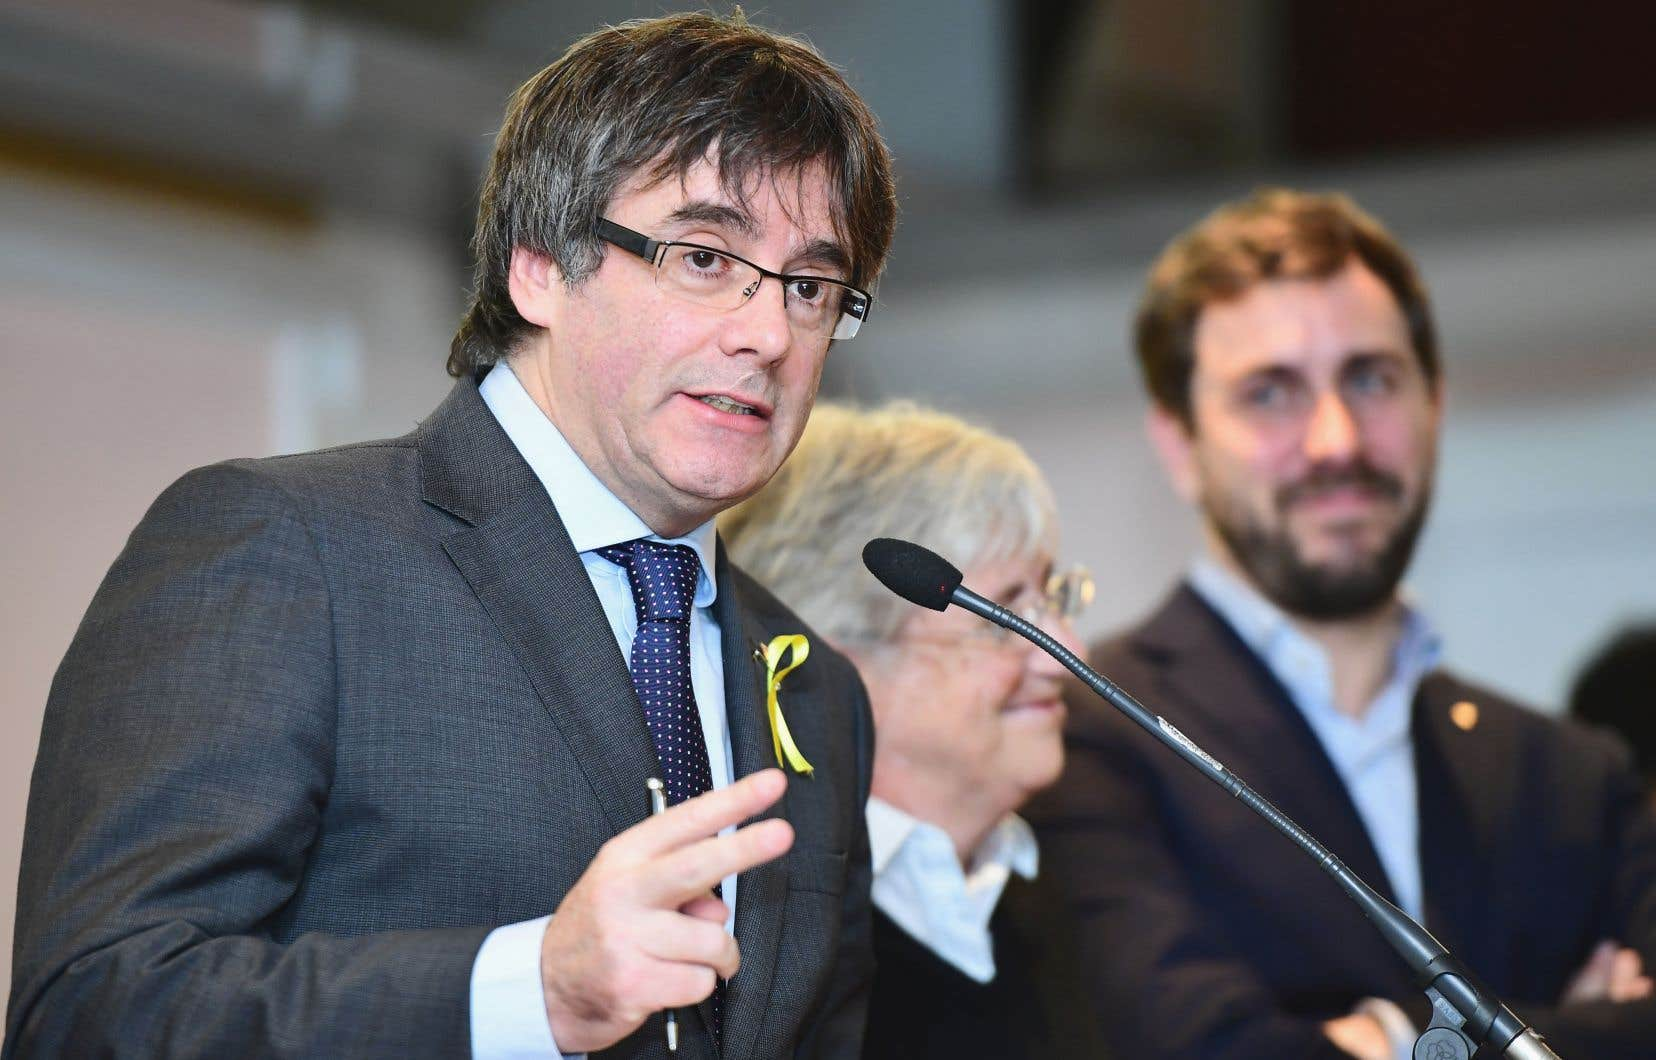 Carles Puigdemont a précisé qu'il n'excluait pas de rentrer dans son pays après les élections régionales du 21 décembre.